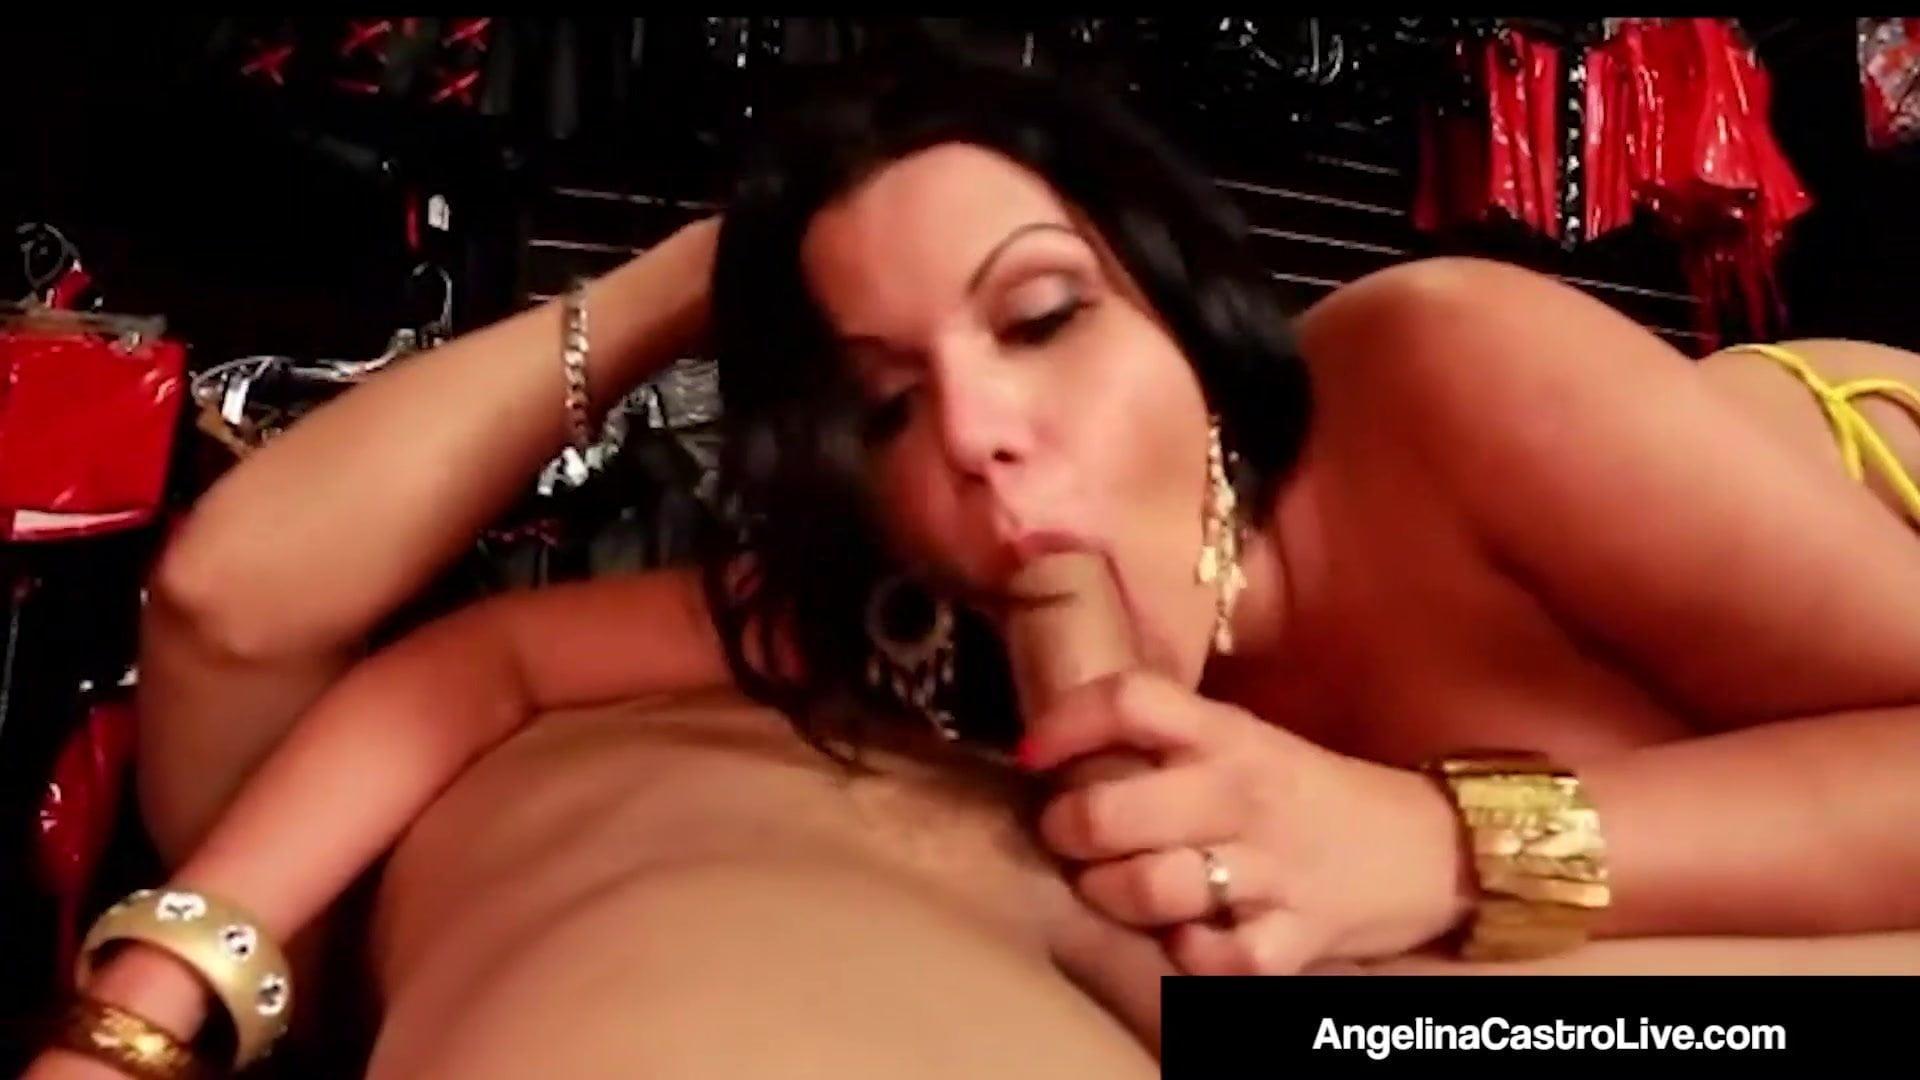 larisa shows nude gymnastics